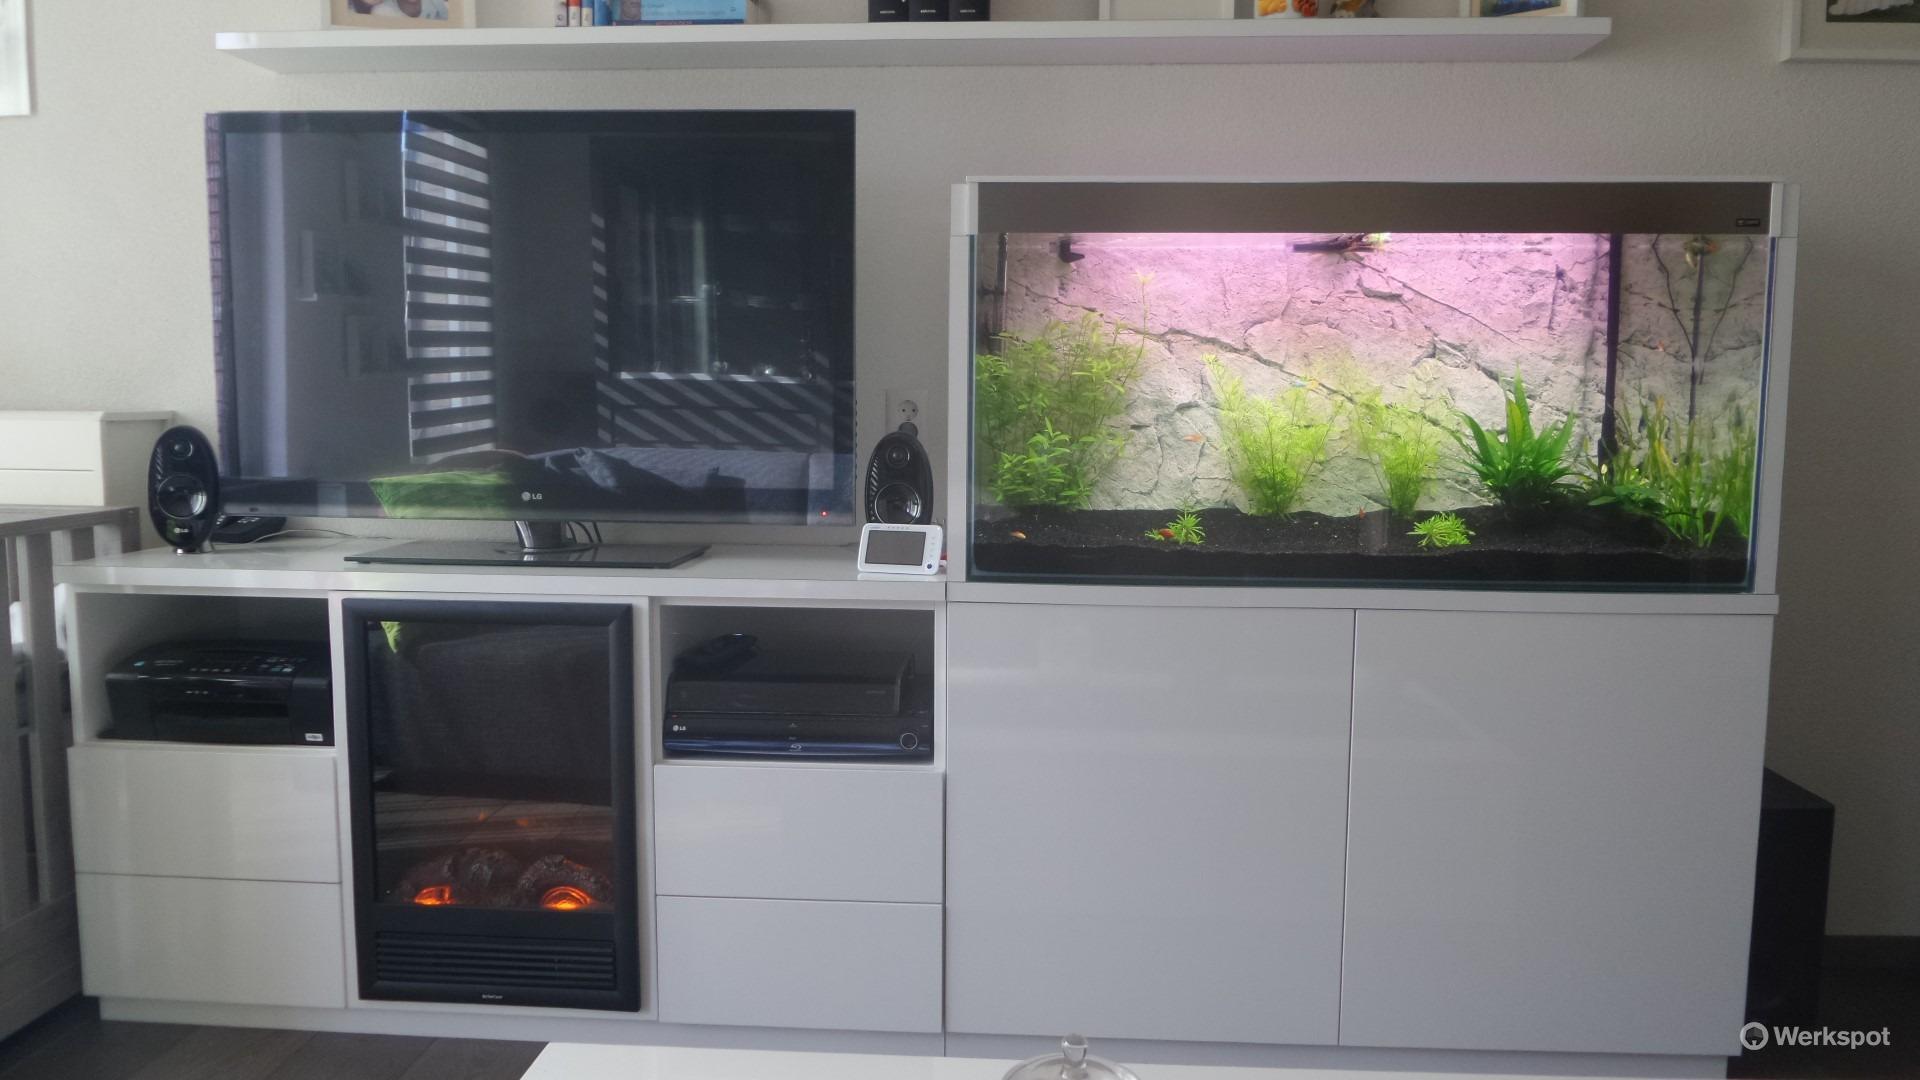 Tv Meubel Van 270cm Breed Met Aquarium En Haard Werkspot # Aquarium Meuble Tv